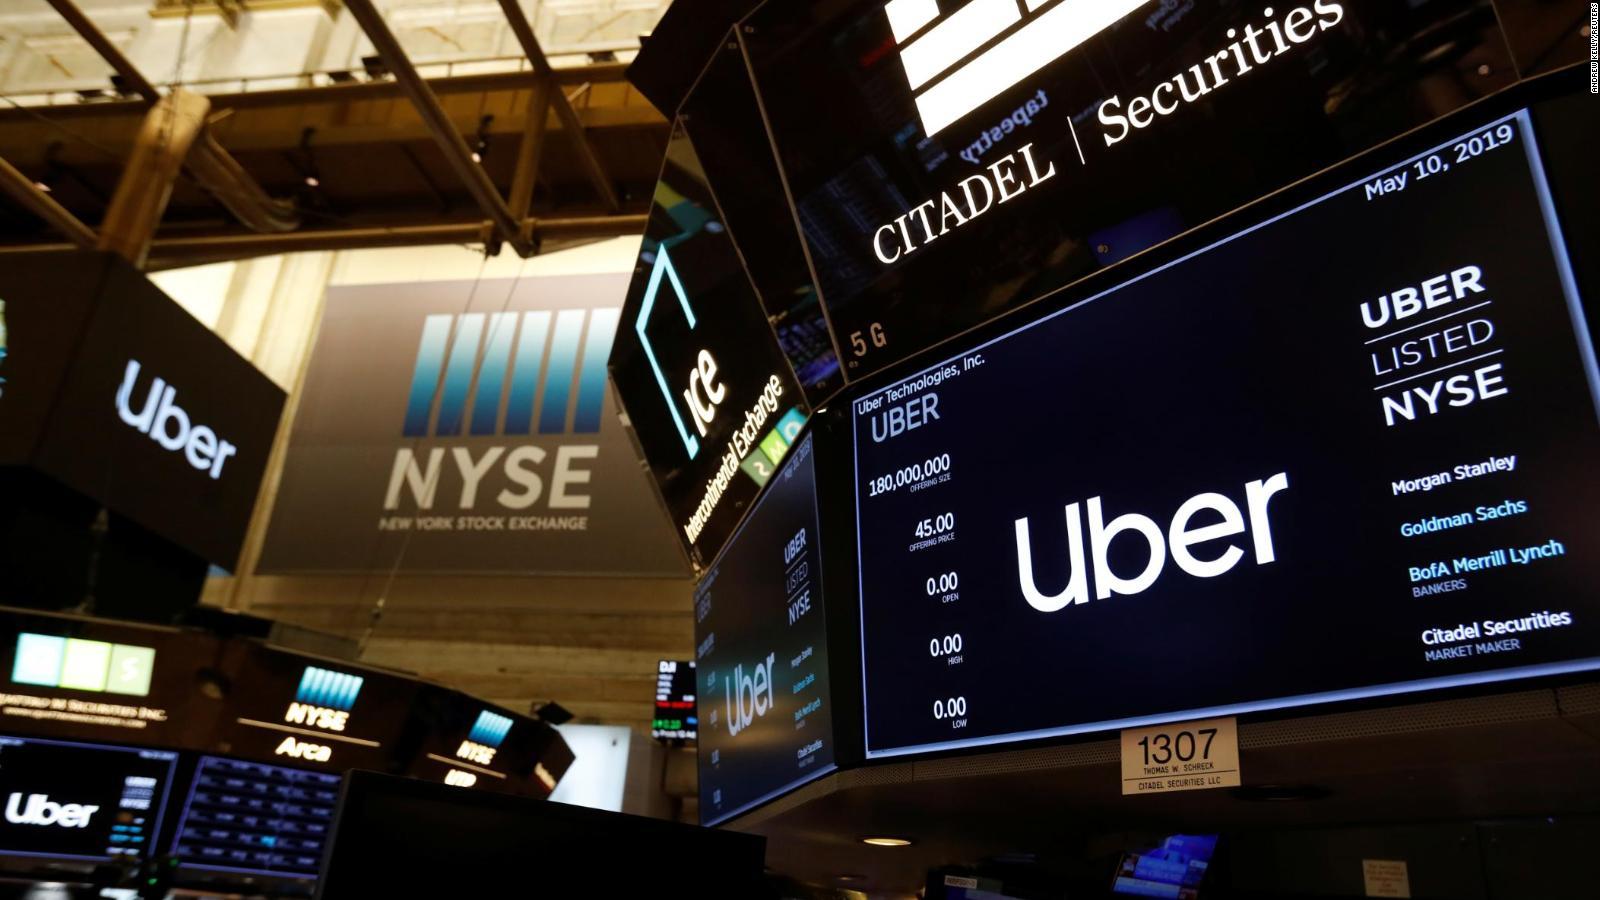 Uber opens below IPO price in market debut